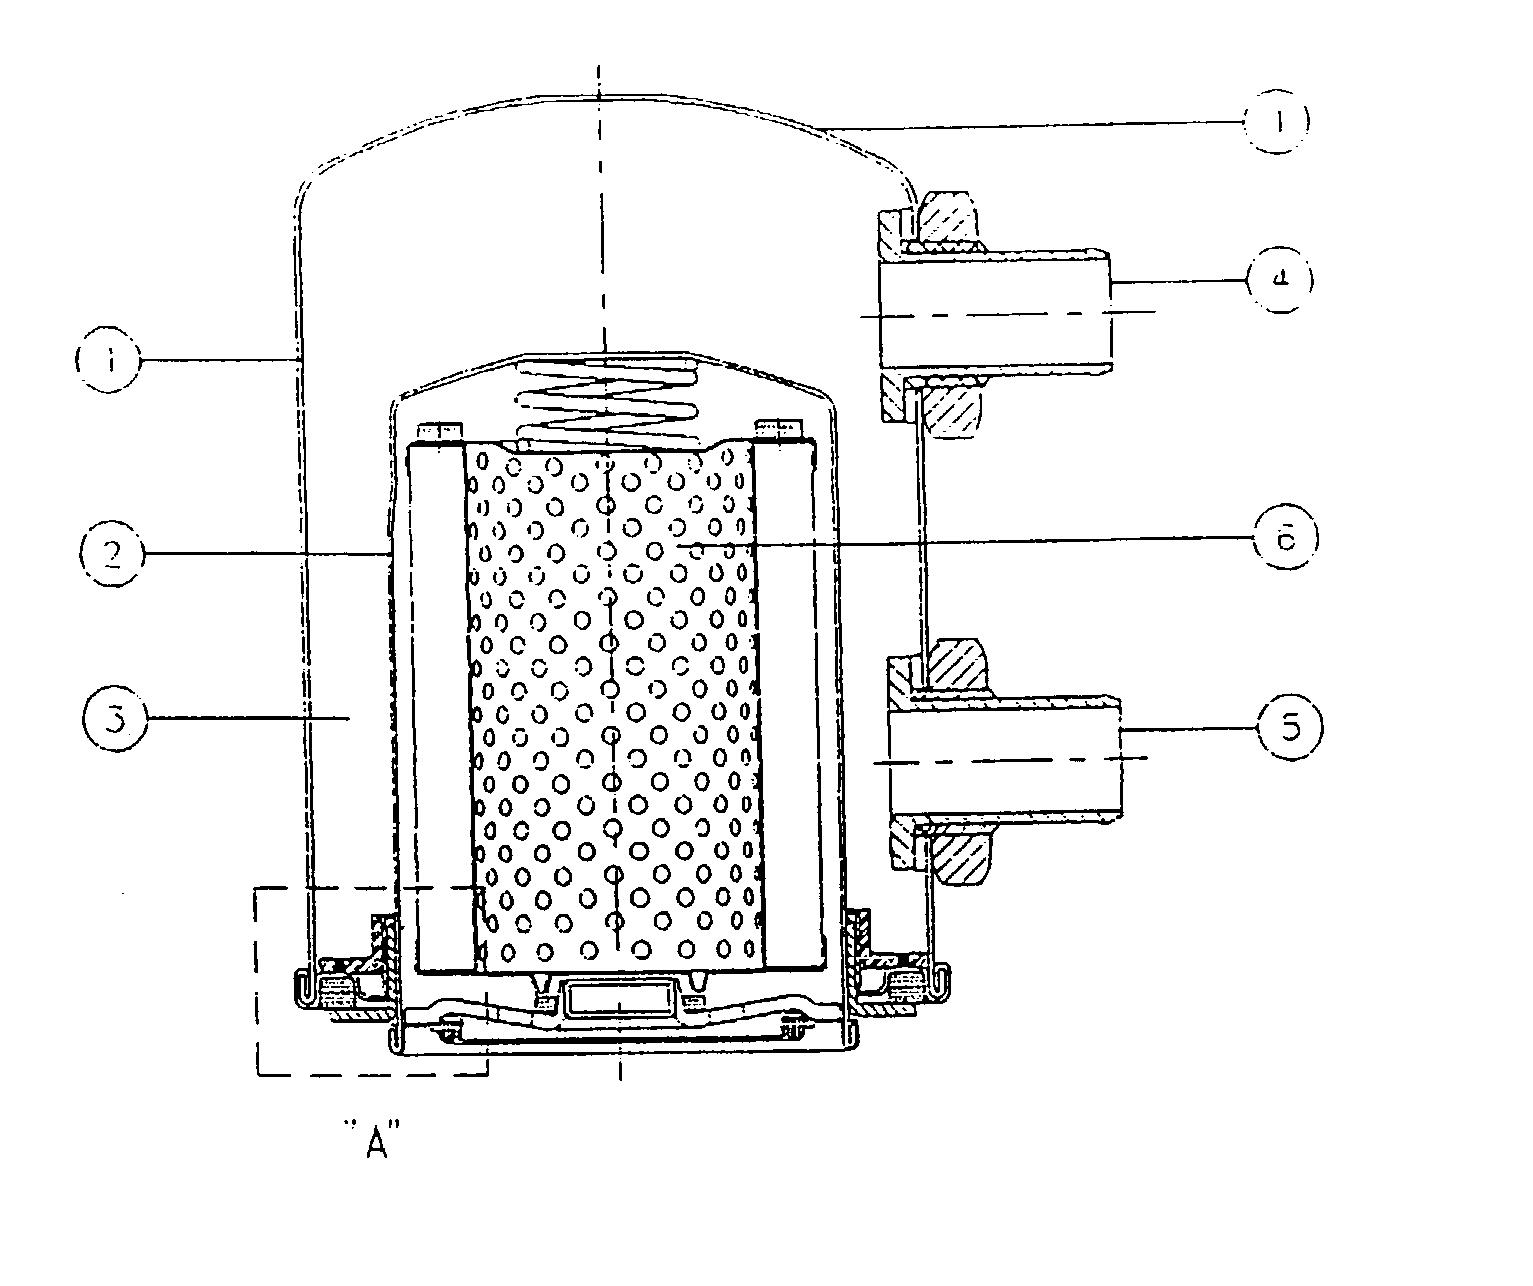 patent us20030127076